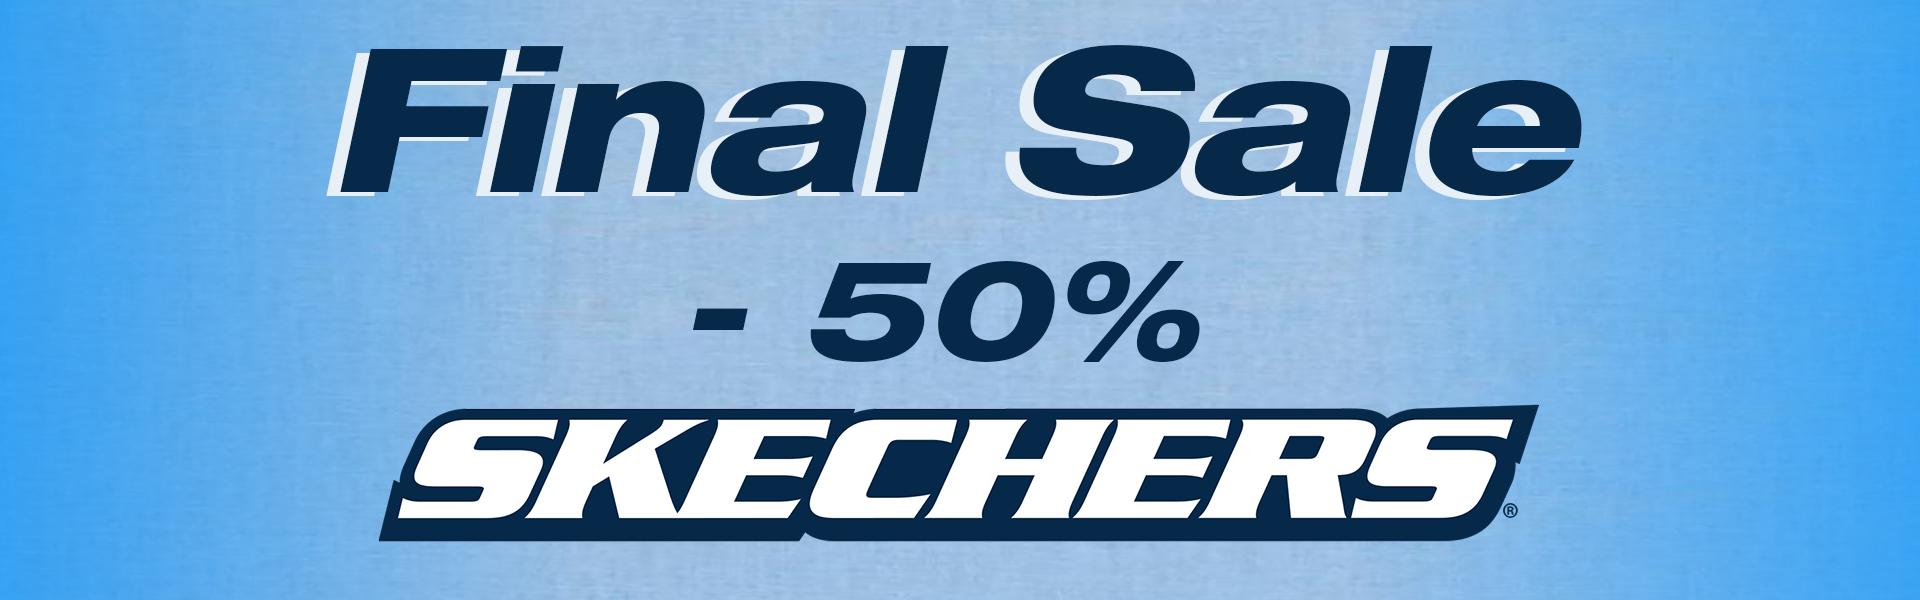 SKECHERS_SALE_50%_FW19